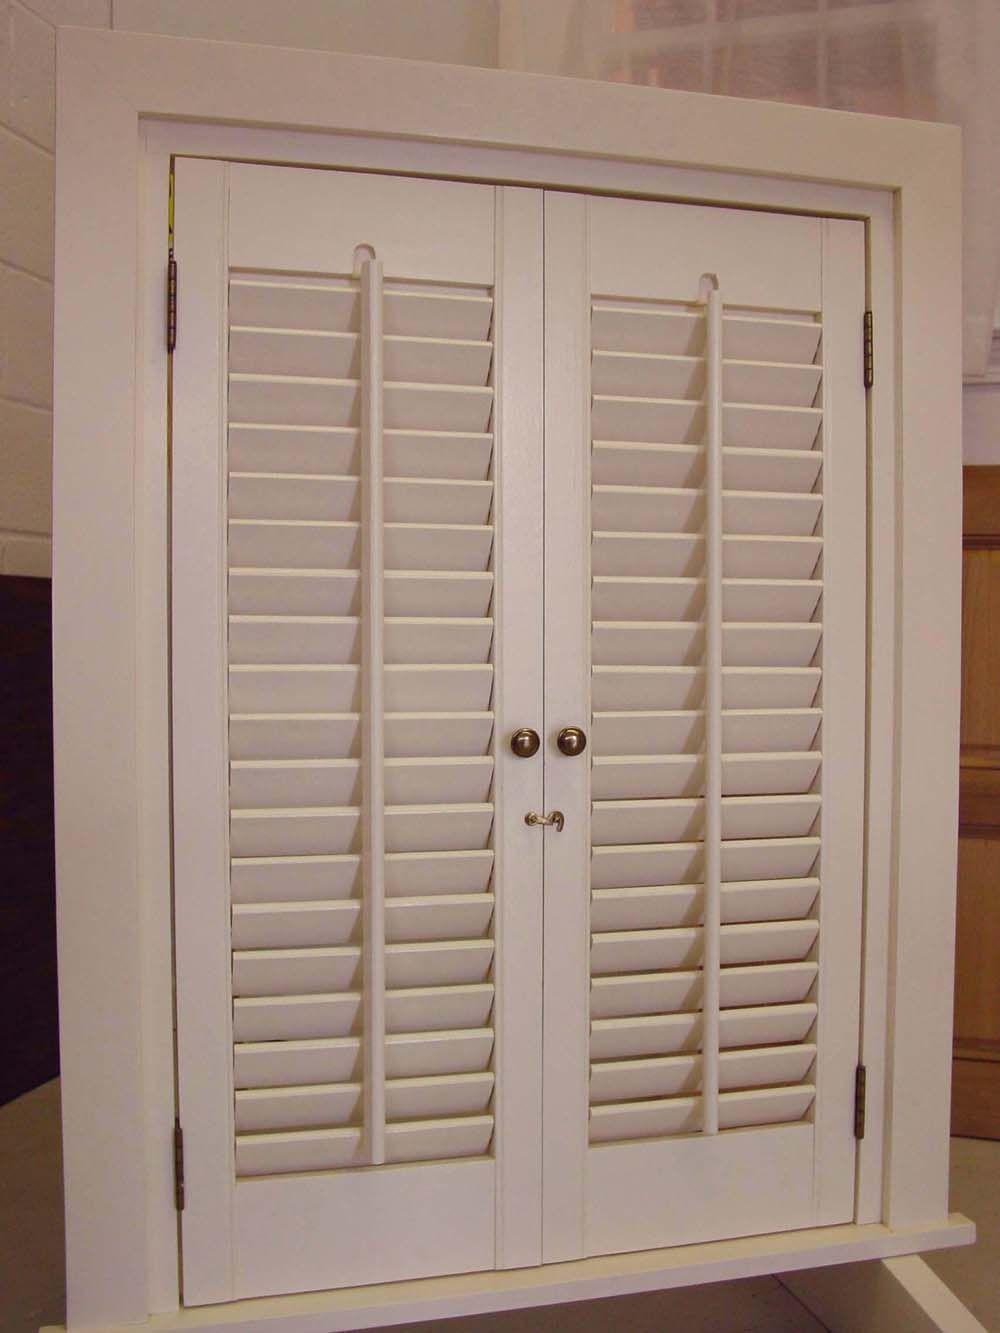 Shuttercraft interior shutters cape house pinterest interior